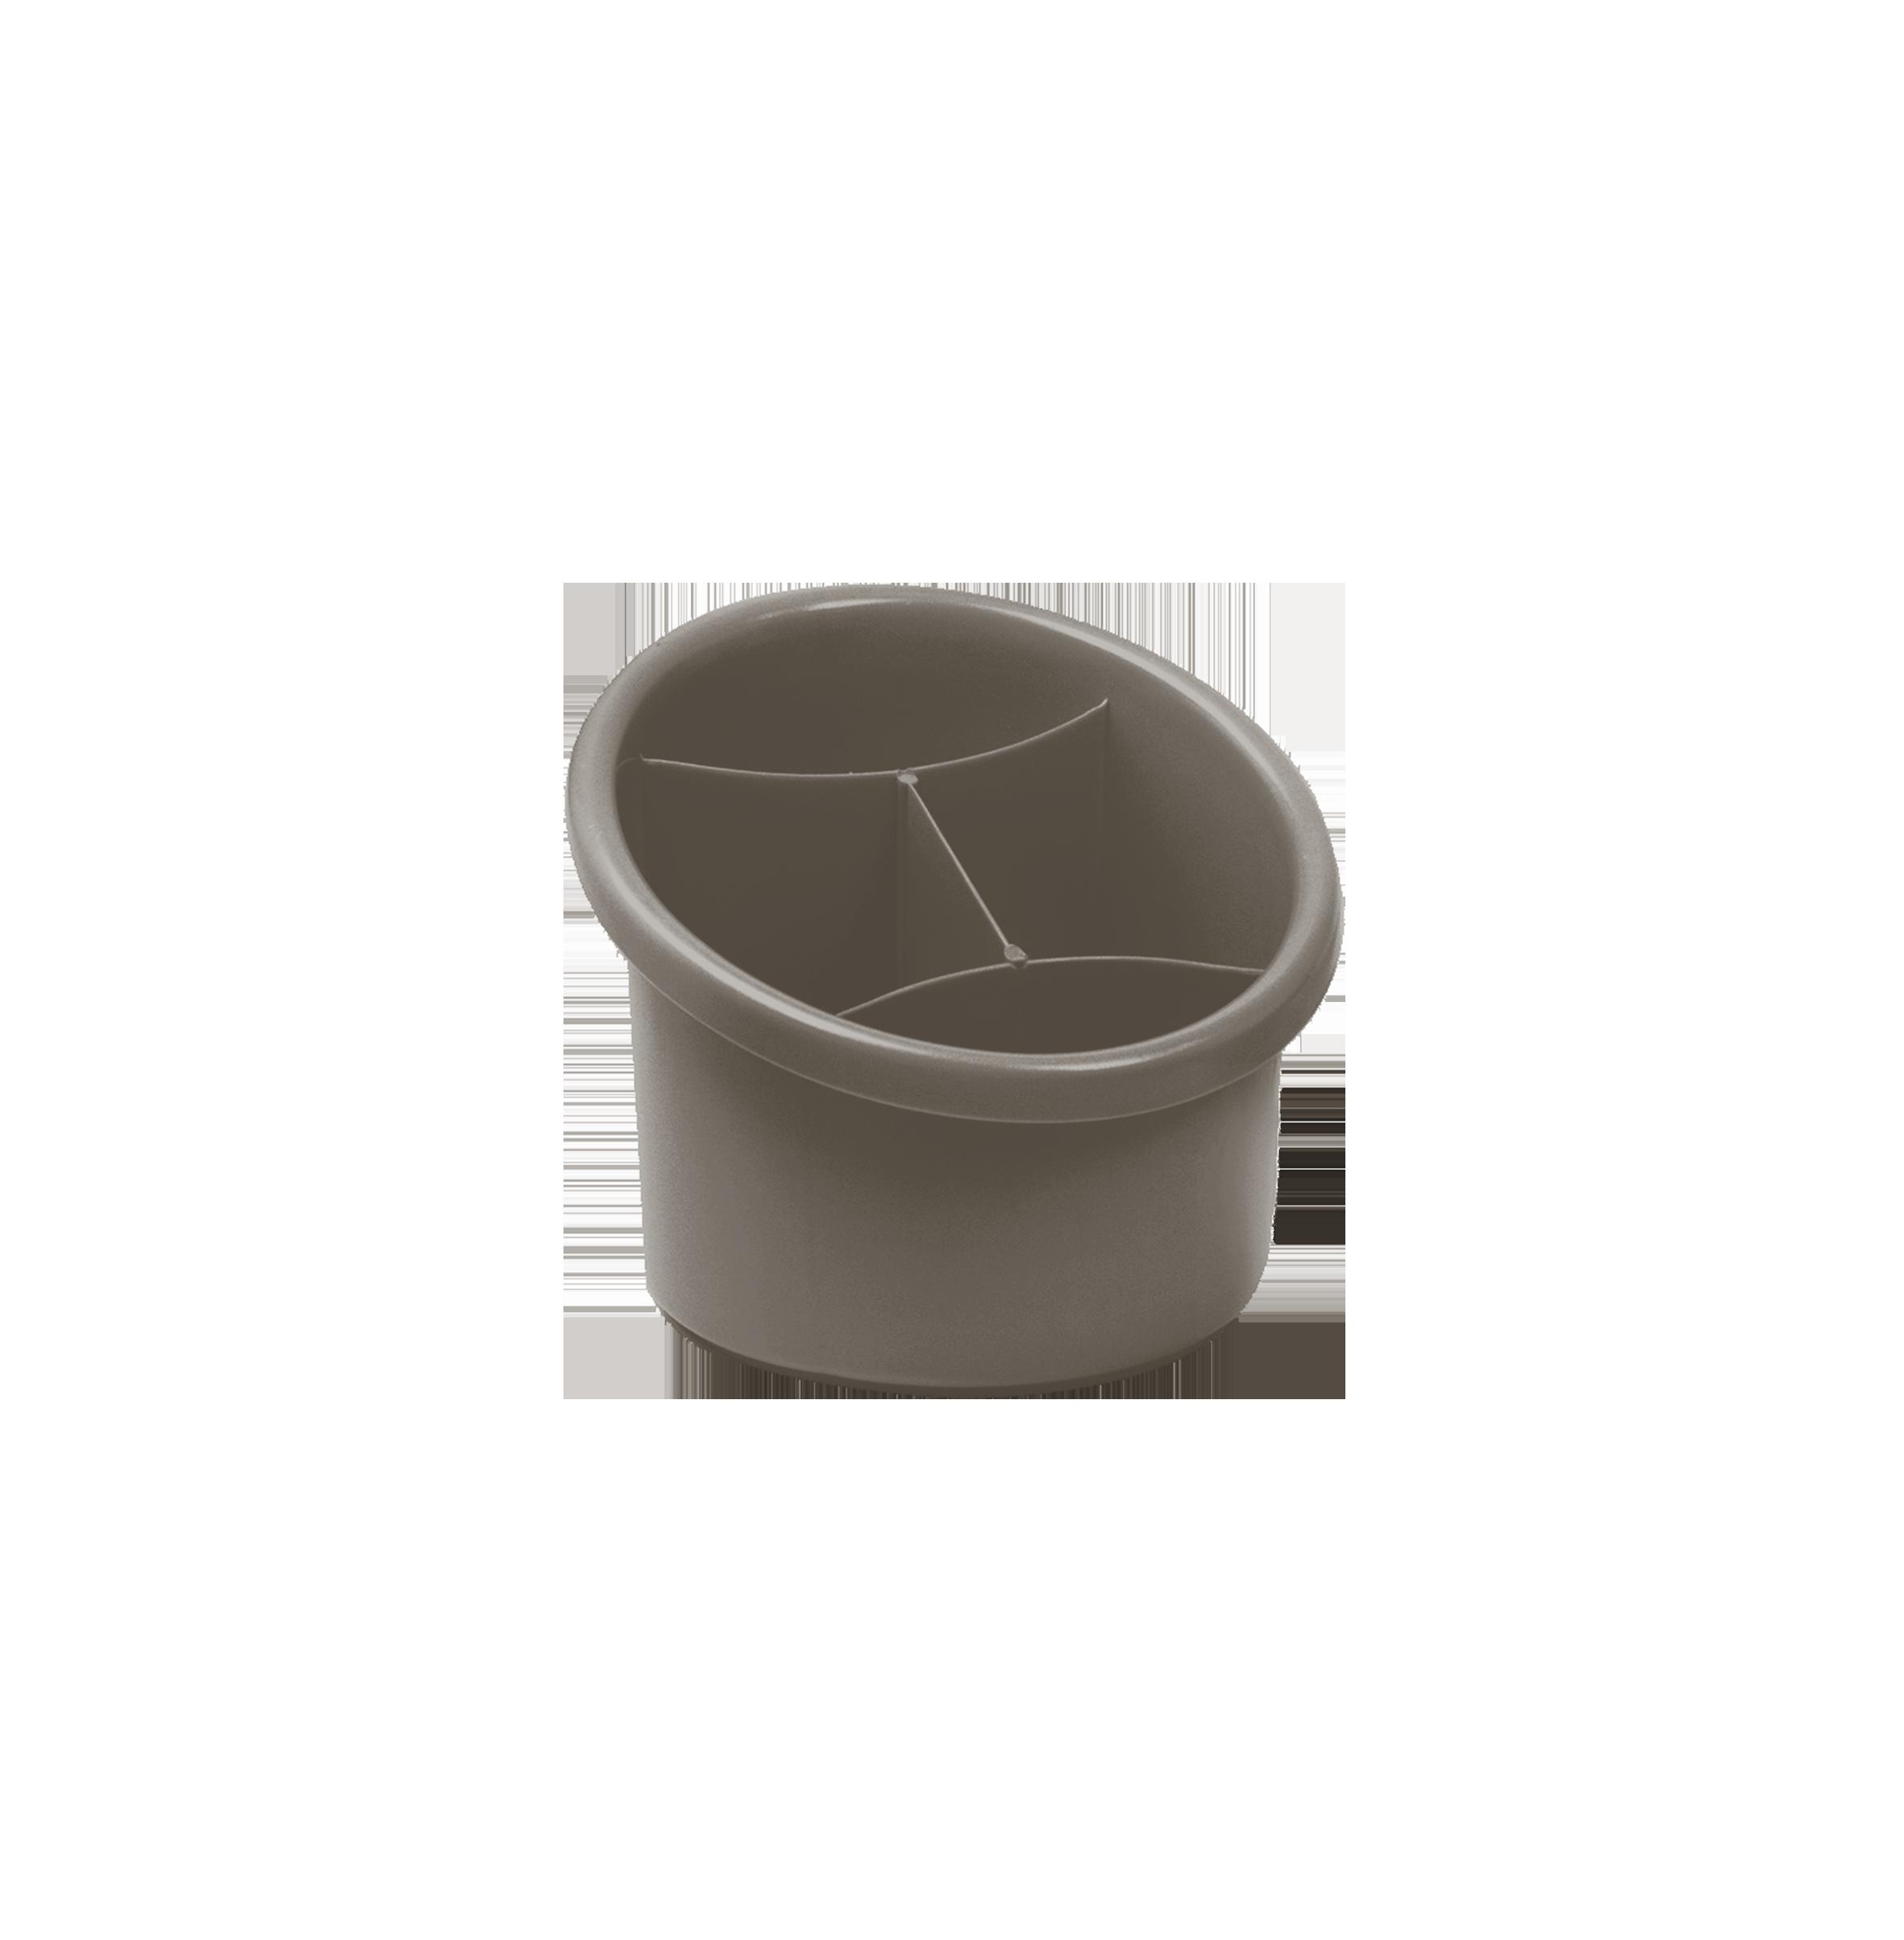 Imagem do produto: Secador de Talher 7745